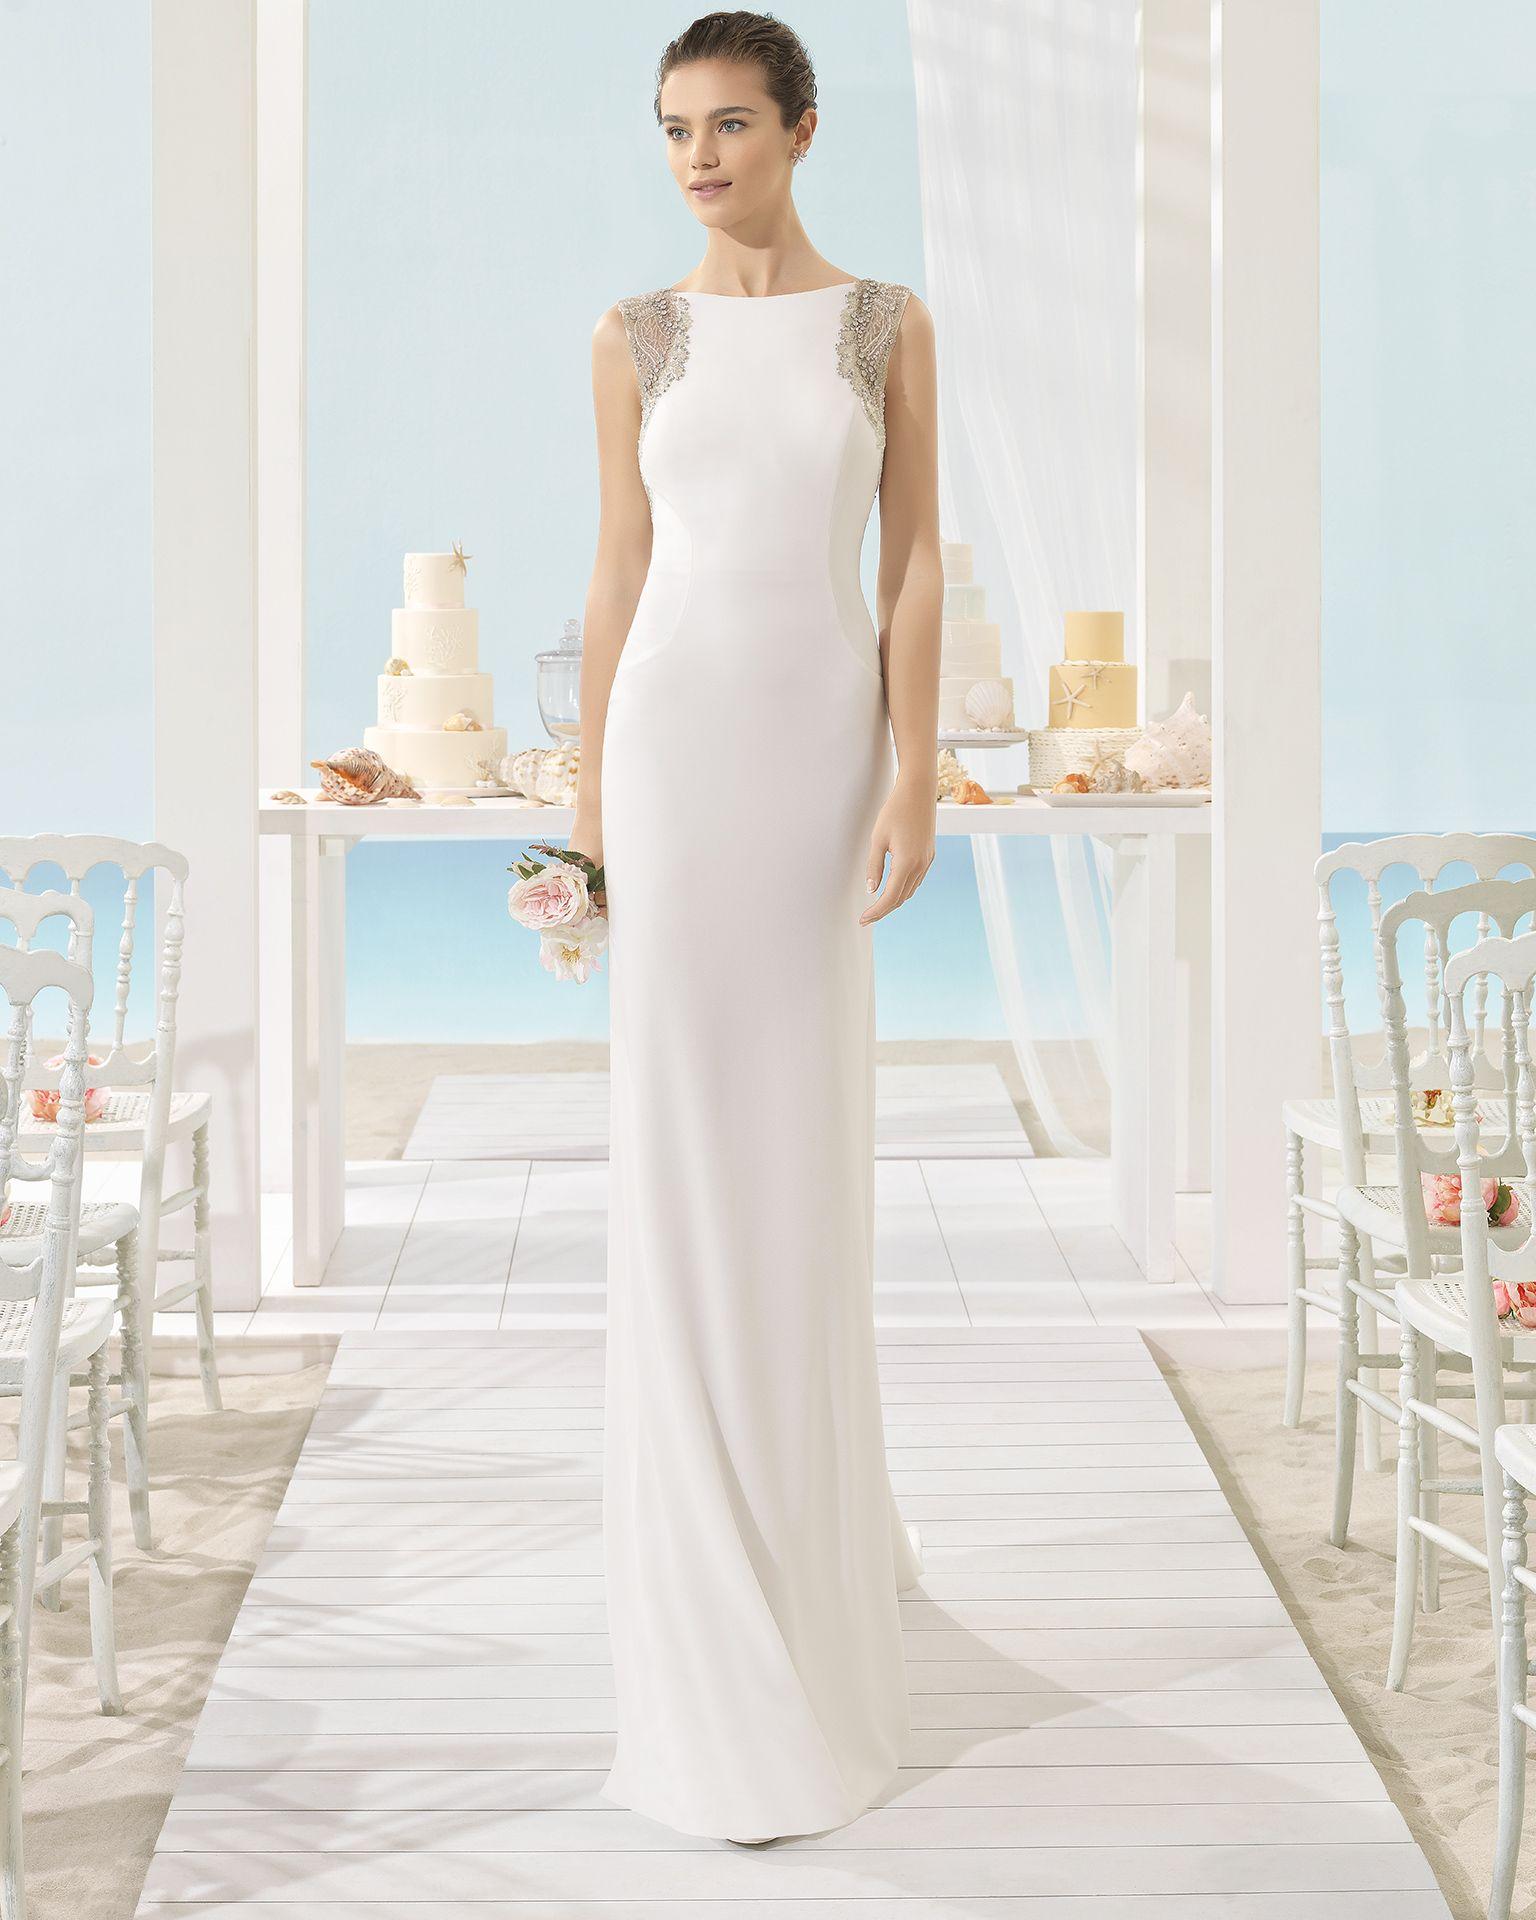 XILOF - Novia 2017. Colección Aire Barcelona Beach Wedding | Wedding ...